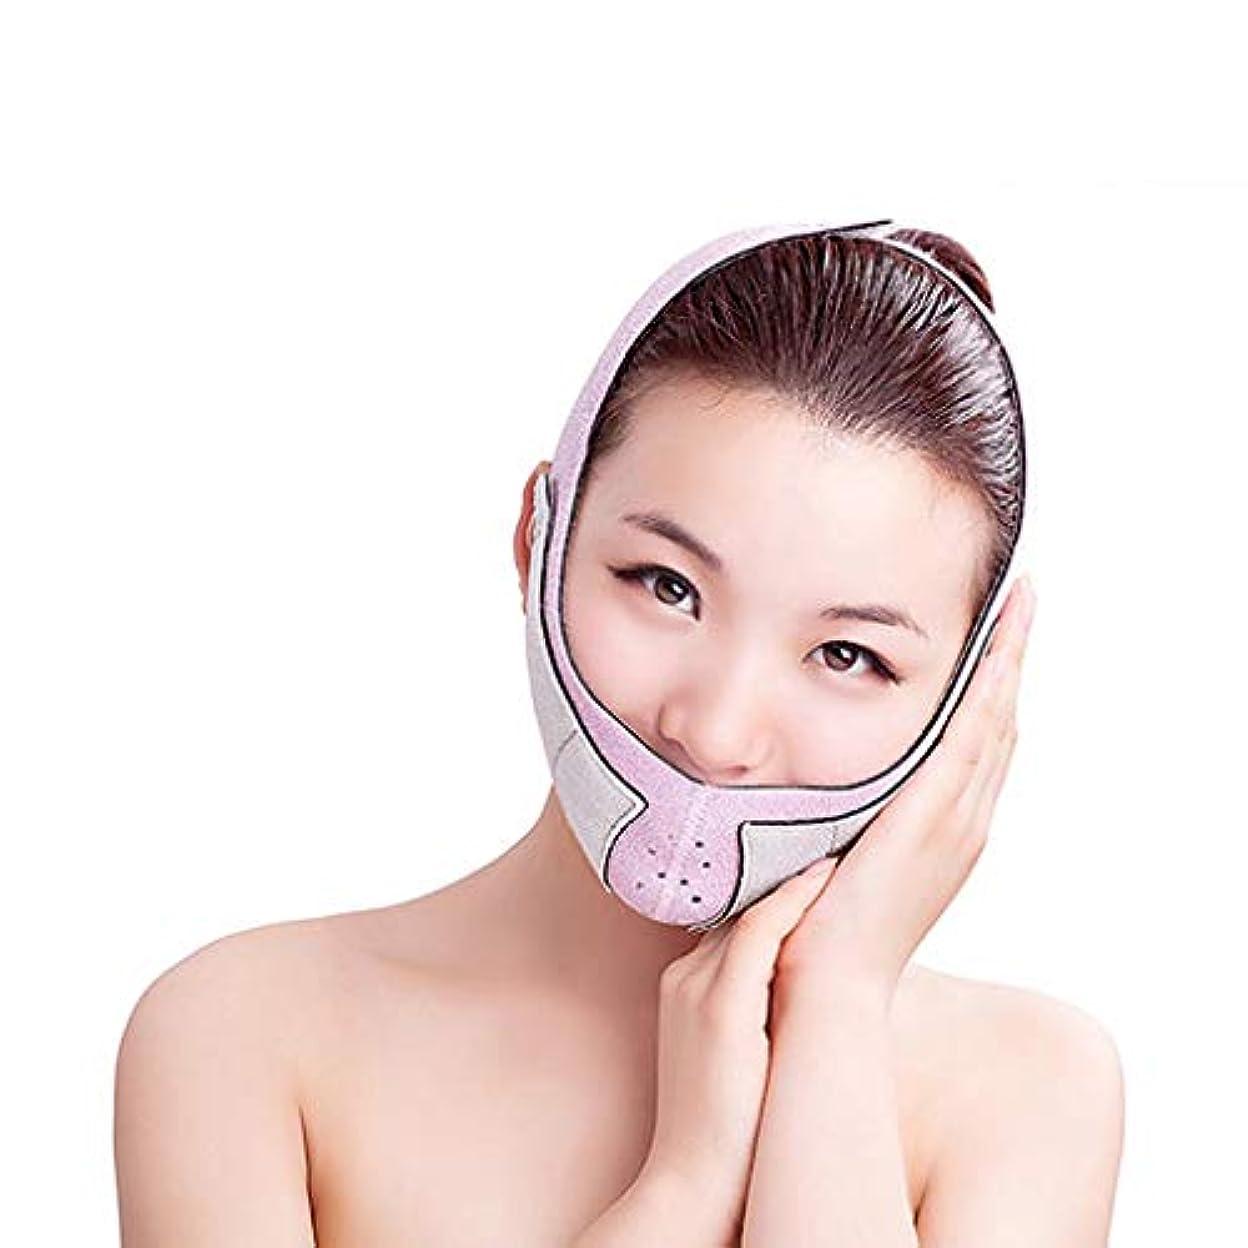 ゴミ箱を空にする特殊ドロー減量マスク頬の皮膚会社顎顔リフトマスクマイクロリカバリー固定包帯